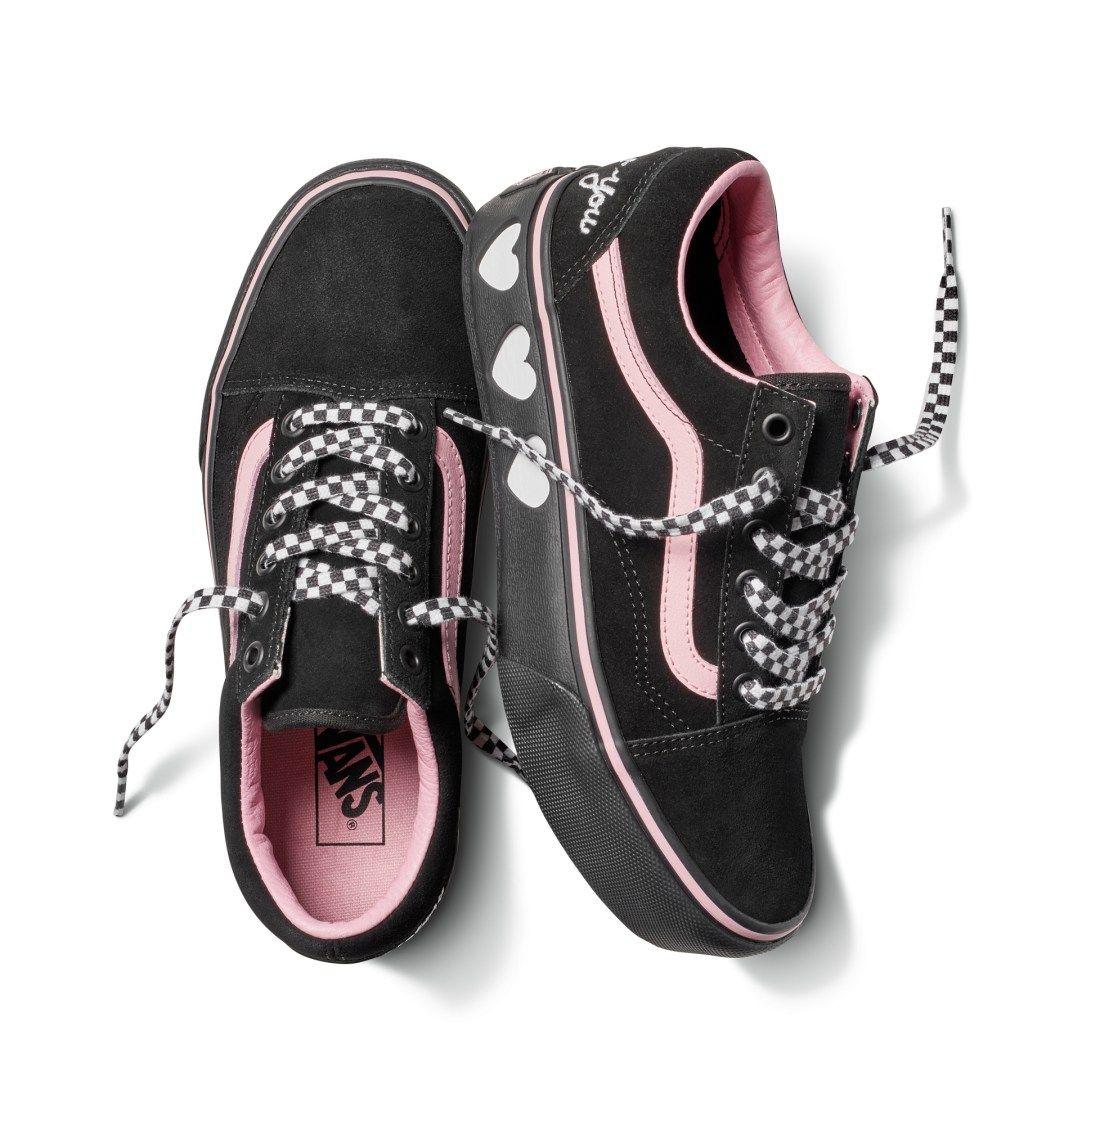 VANS x Lazy Oaf Old Skool Platform Black Womens Shoes  74ba5d643